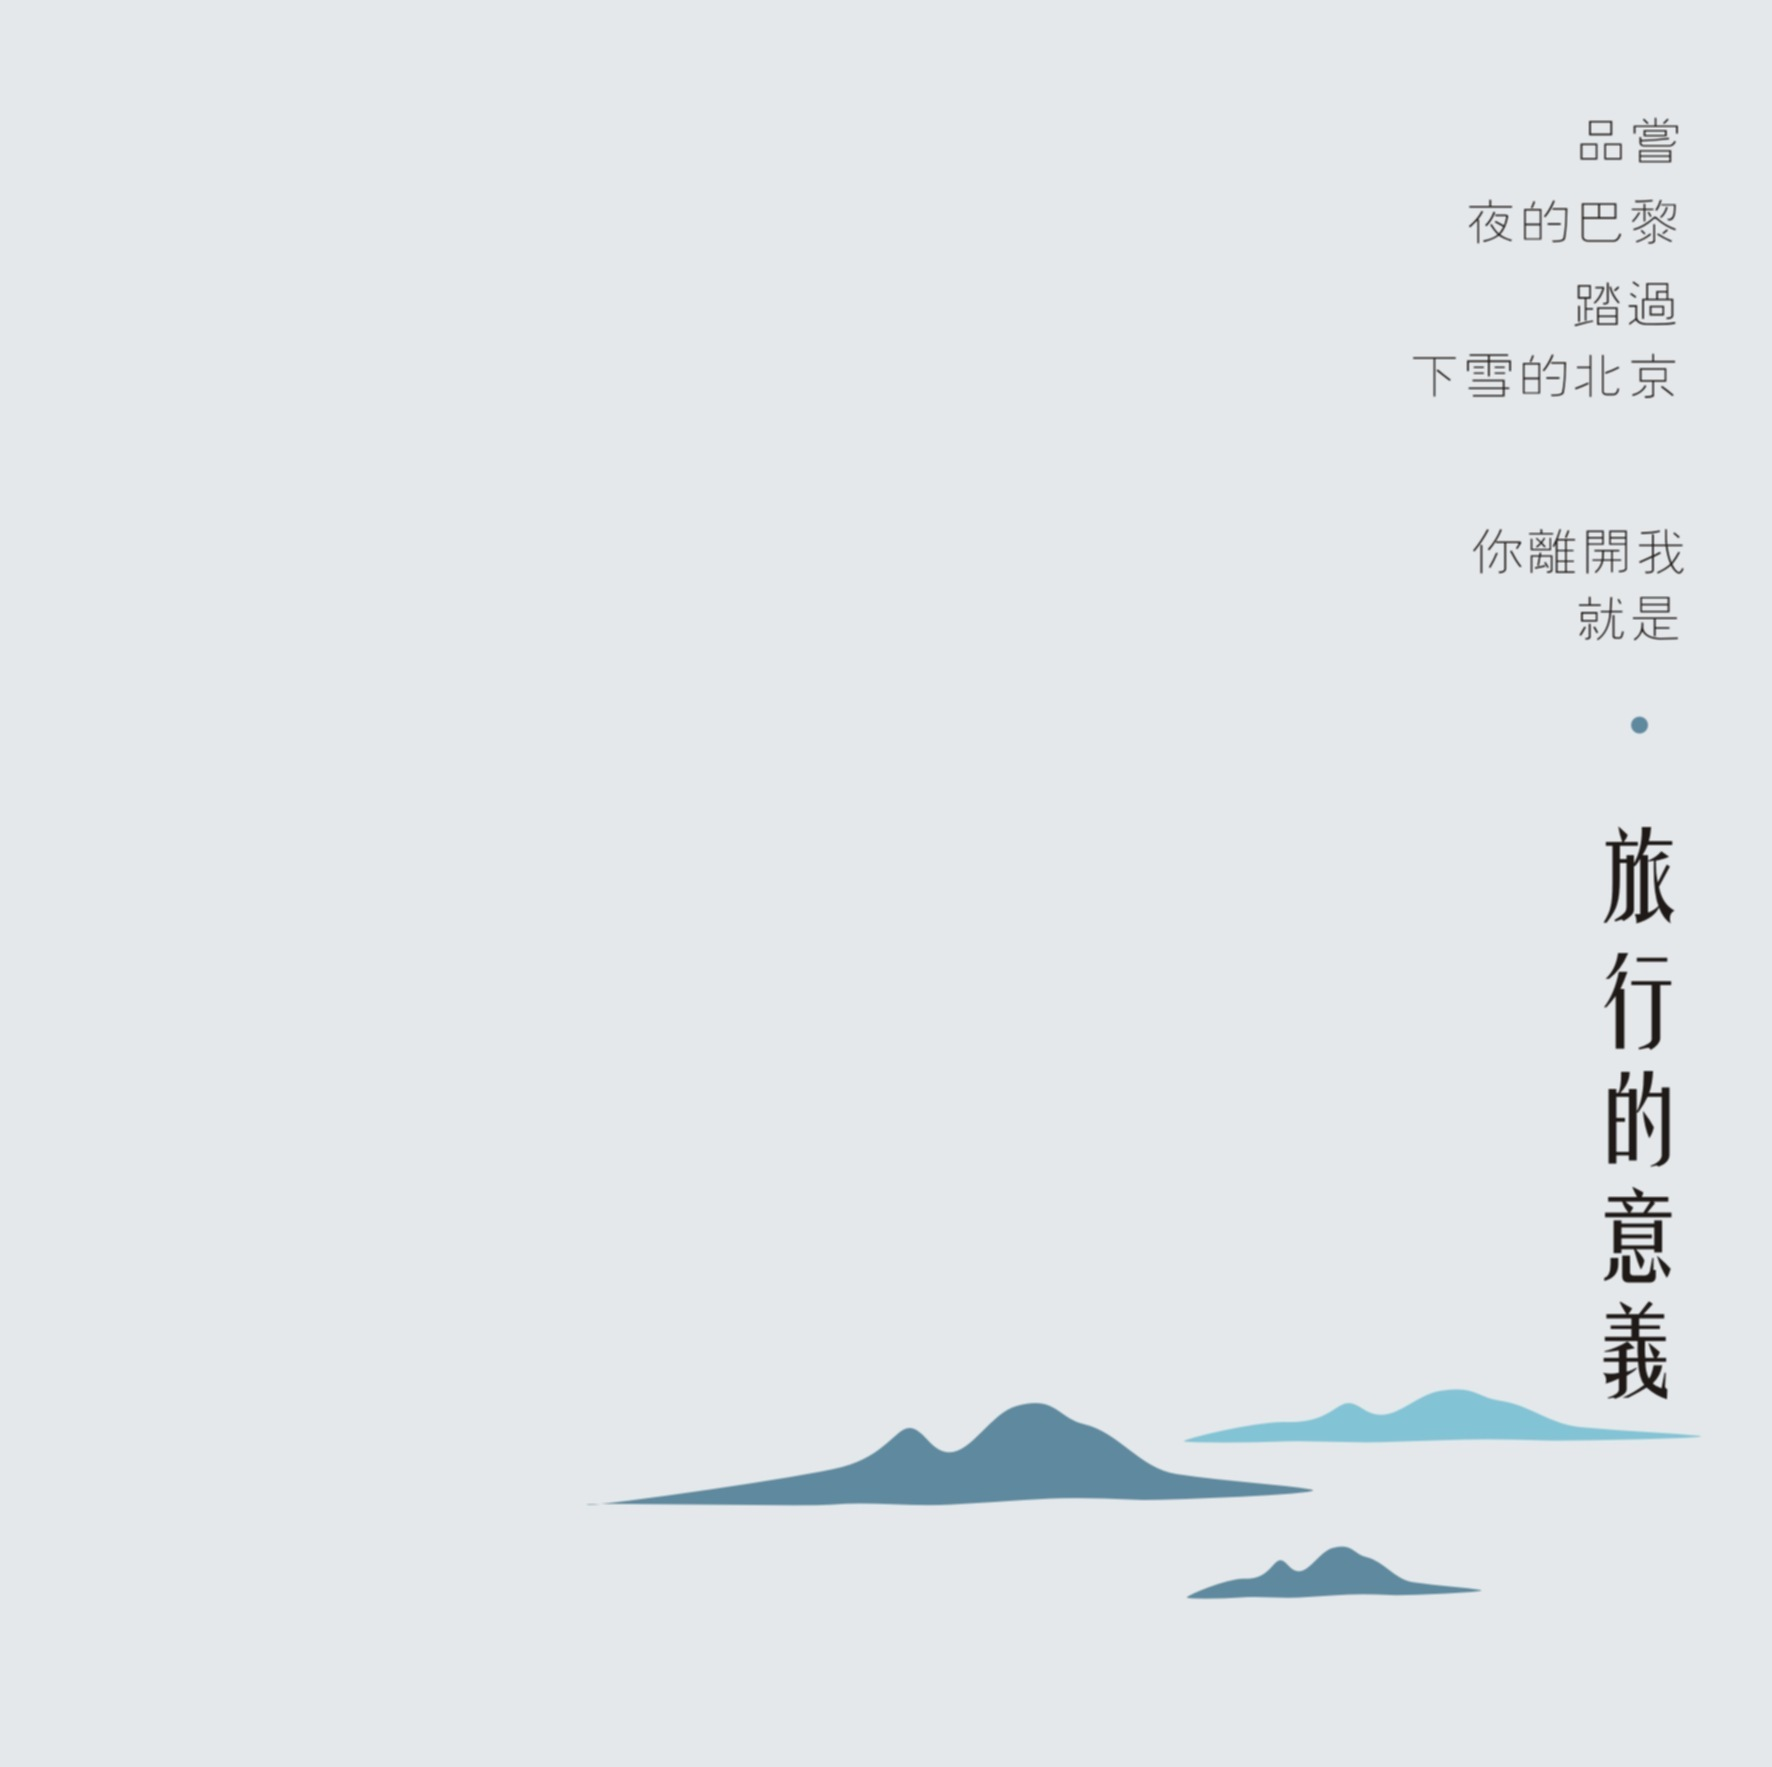 旅行手绘ppt背景图片